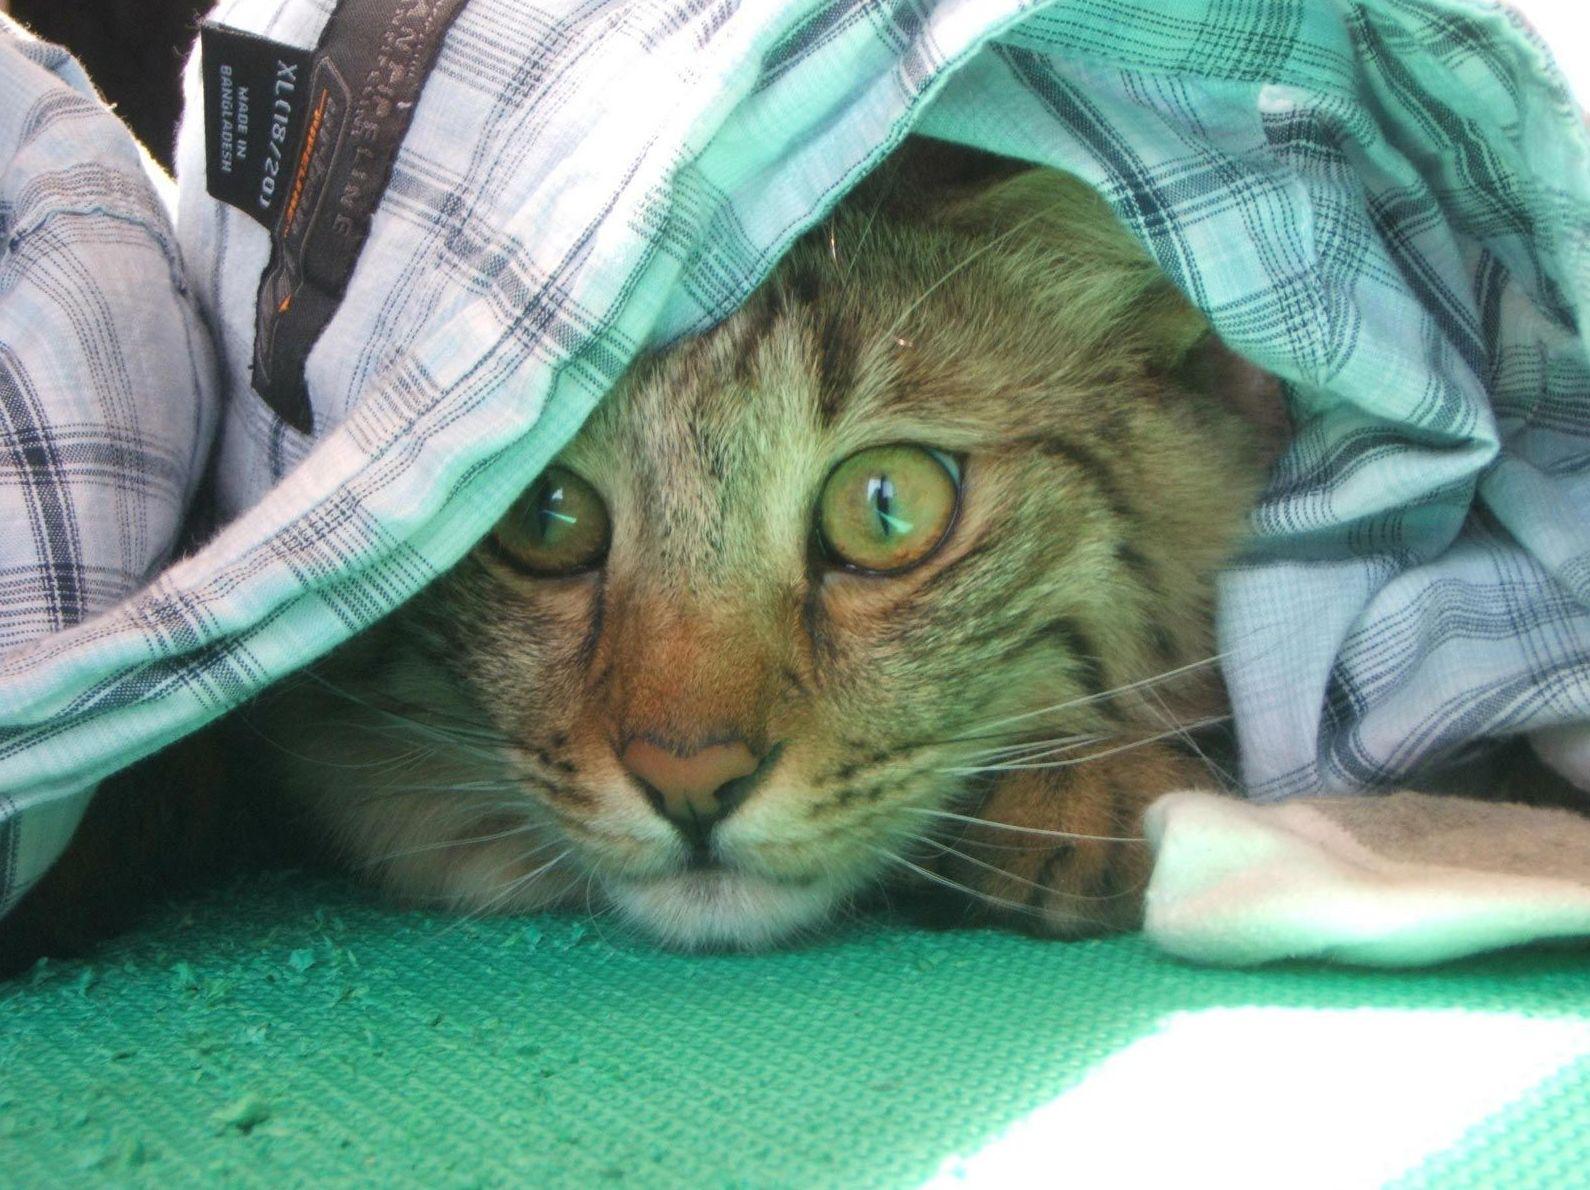 Clínica veterinaria cuidado de gatos en Madrid Hortaleza Canillas